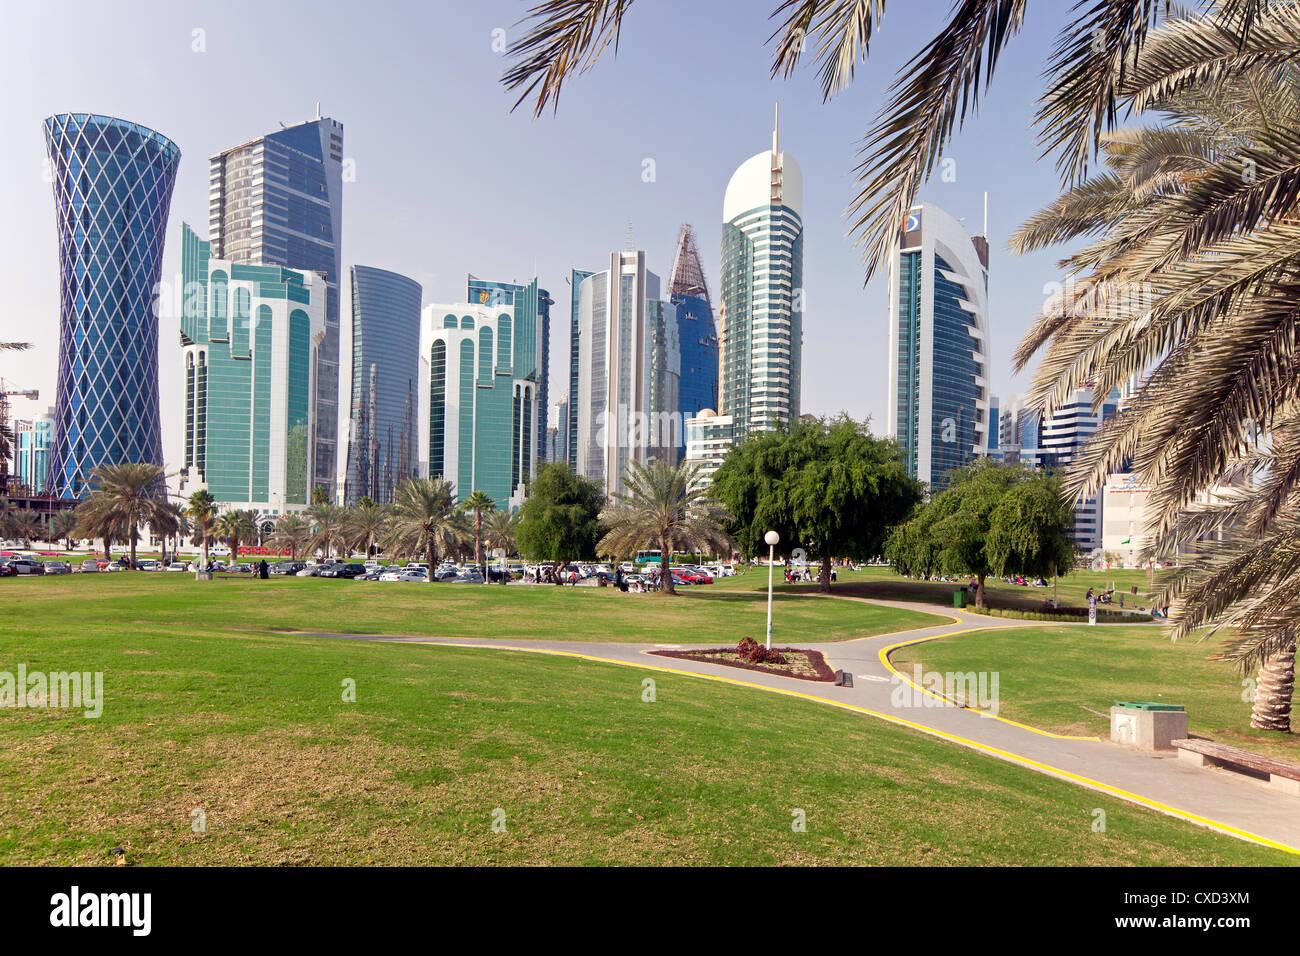 Skyline moderne du quartier financier central West Bay, Doha, Qatar, Moyen-Orient Banque D'Images